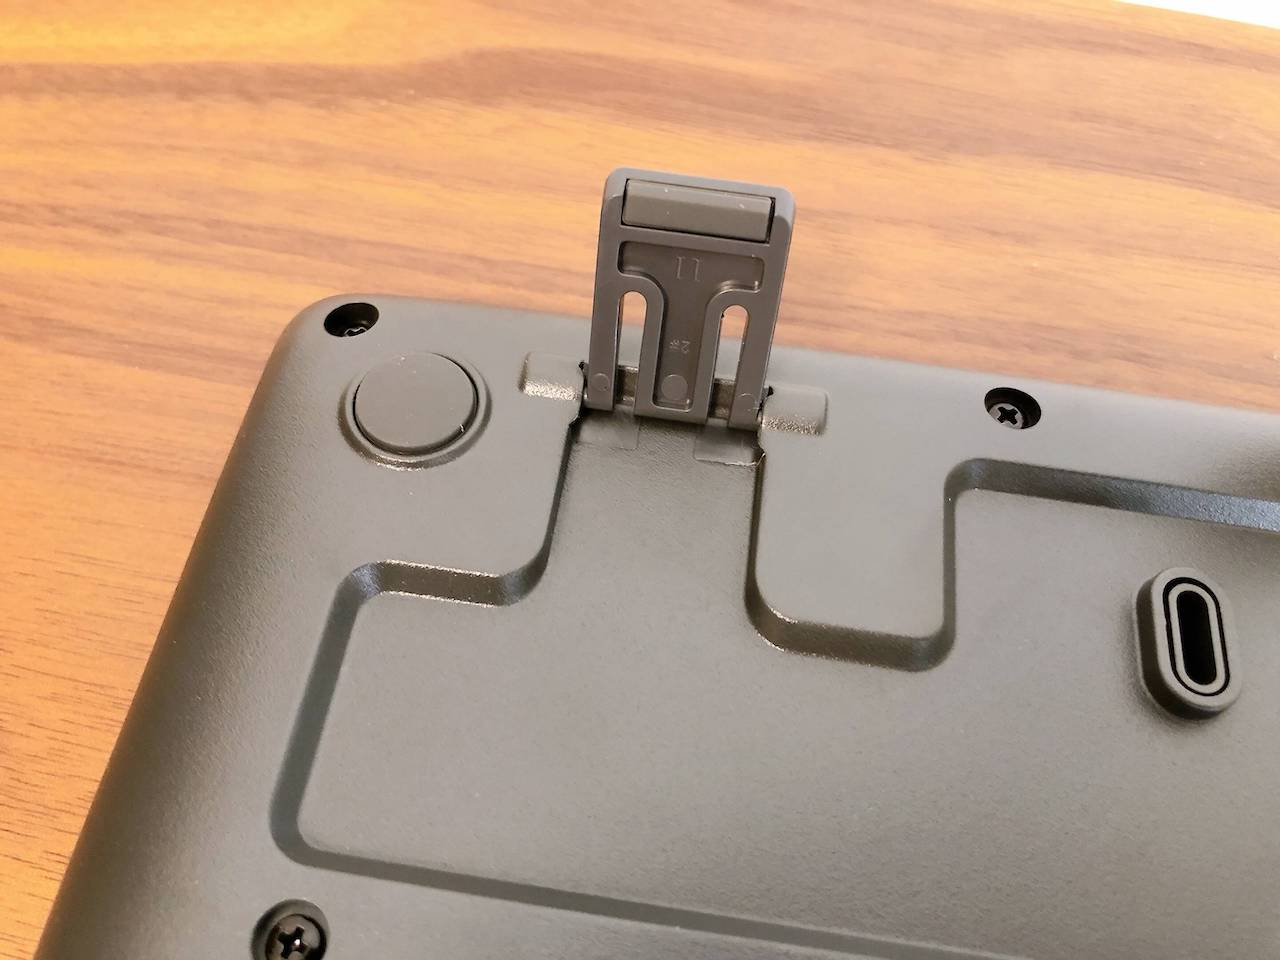 「ロジクール キーボードK275」の裏側の写真です。キーボードの角度調整ができます。